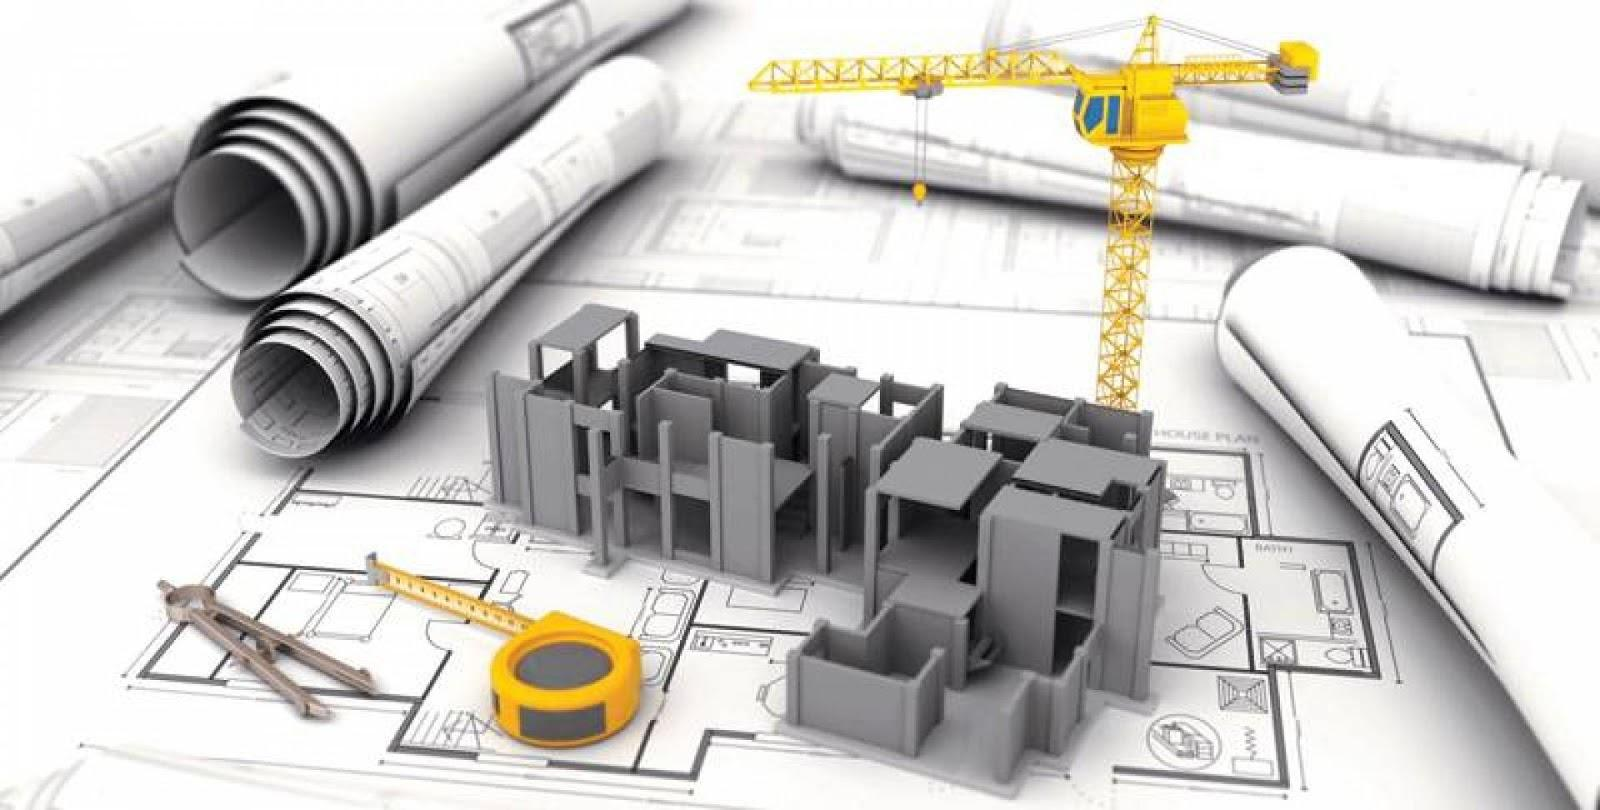 لخبراء البناء هل يلزم وضع شبك على فتحات تكسير الكهرباء والسباكه